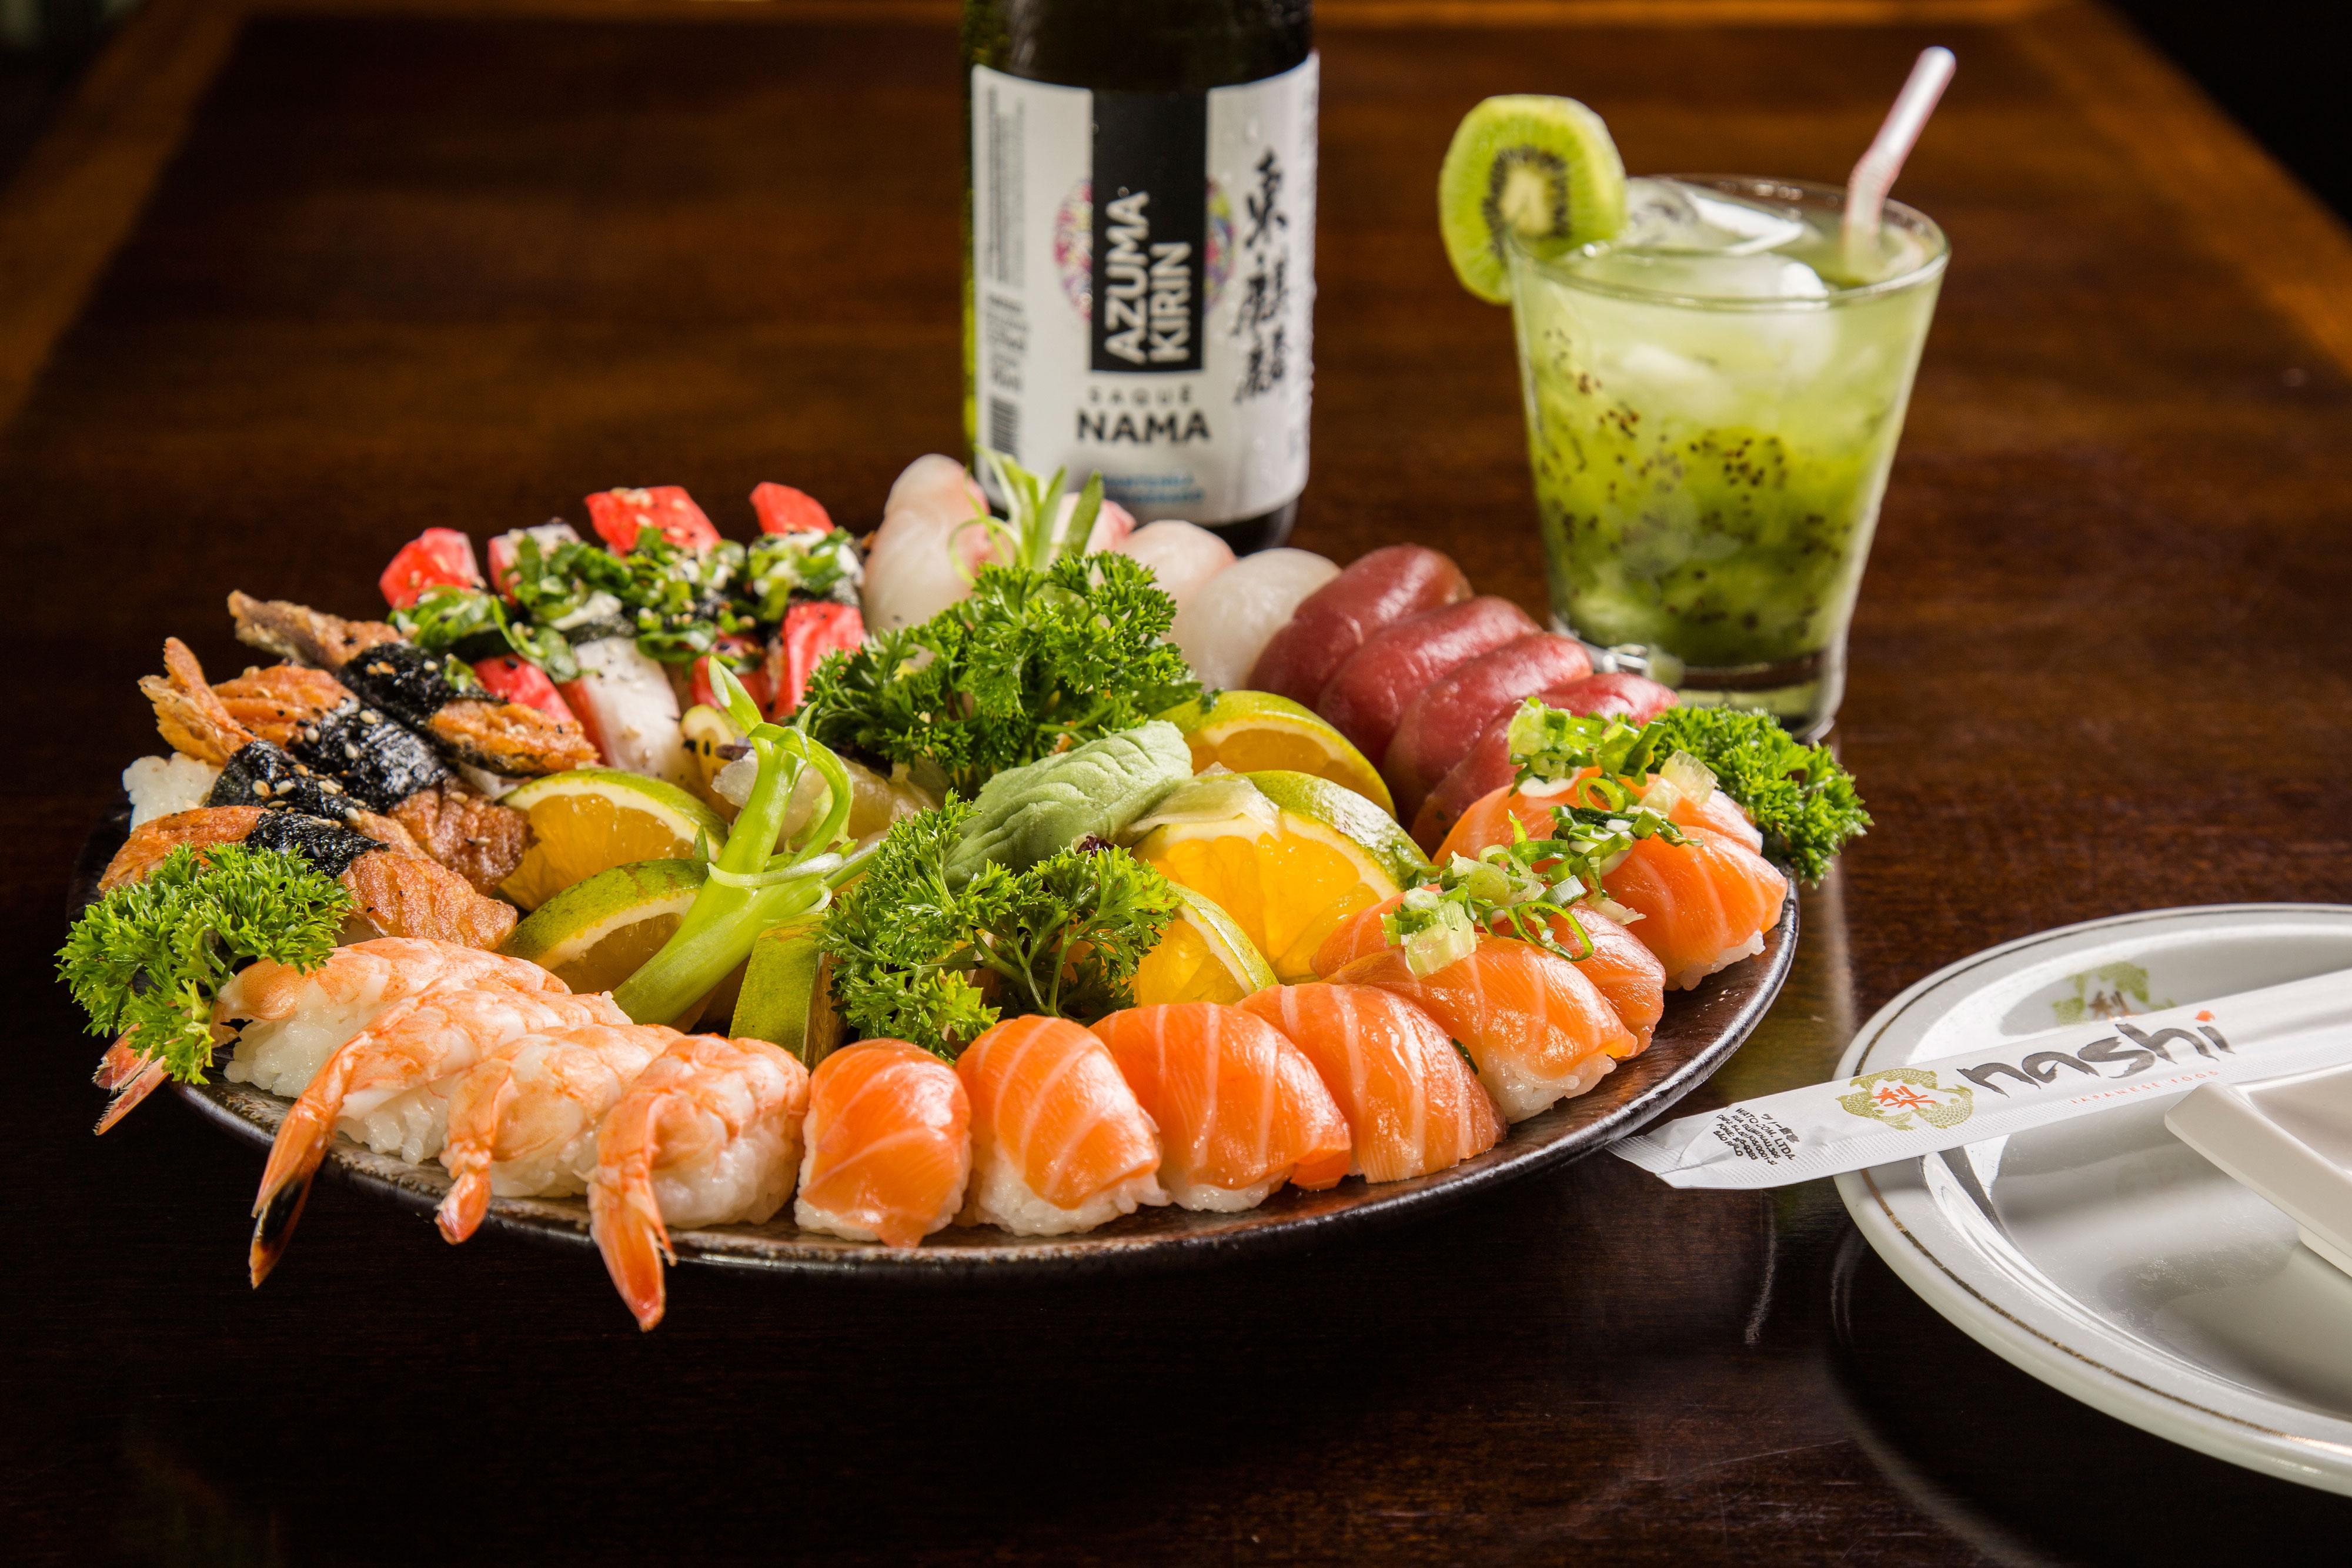   Nashi Japanese Food agora em Barão GeraldoEntre Sabores